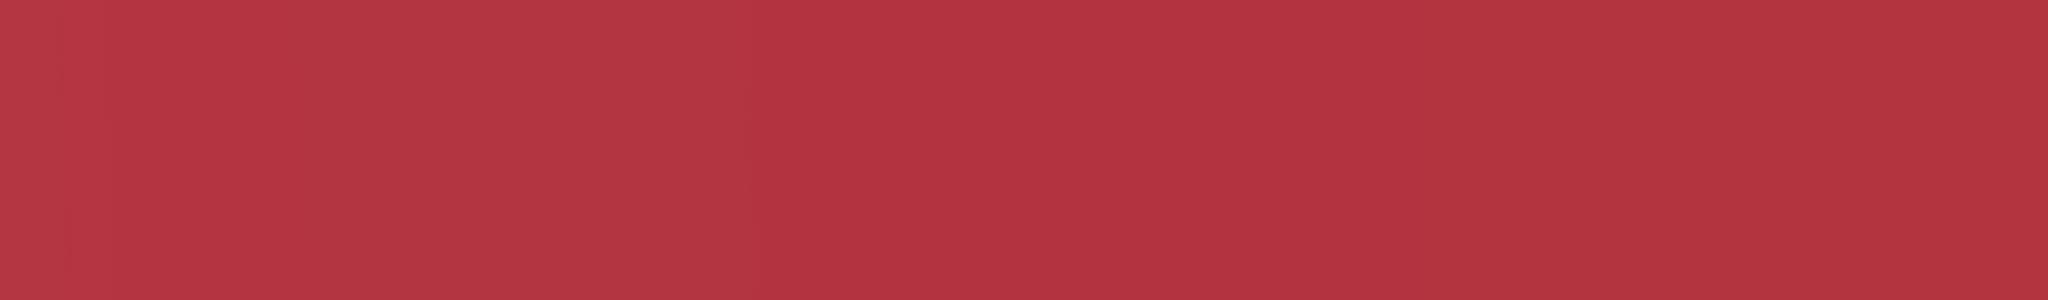 HU 130323 ABS hrana červená hladká lesk 90°